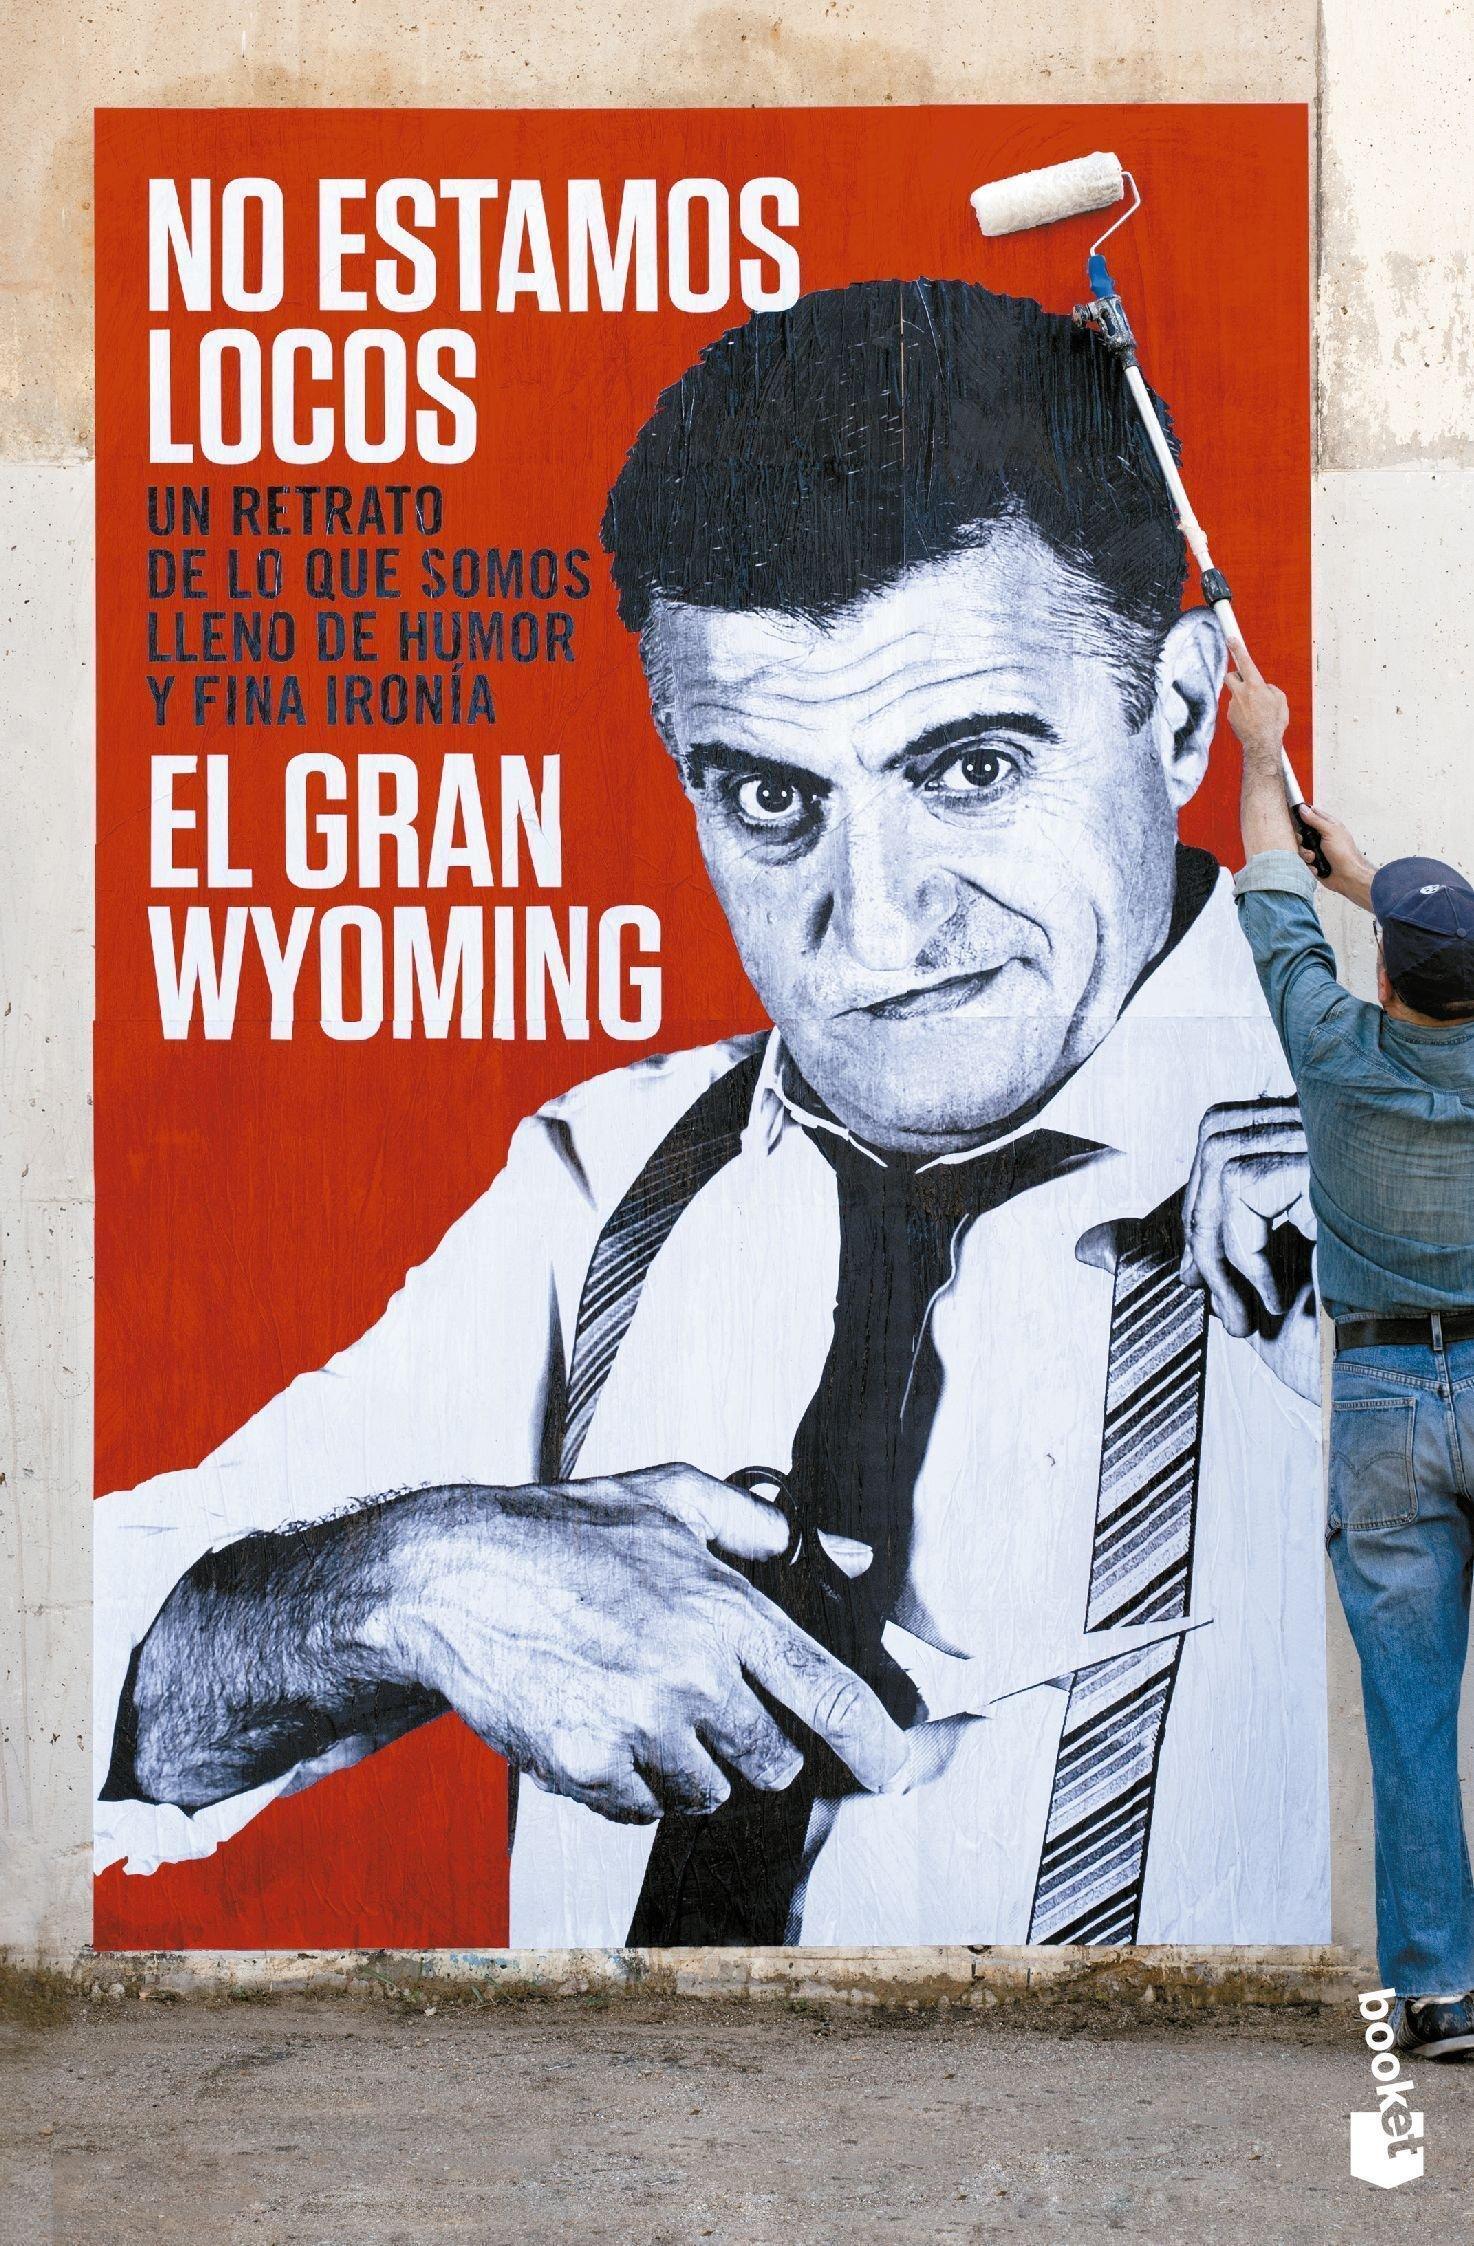 No estamos locos (Diversos): Amazon.es: El Gran Wyoming: Libros